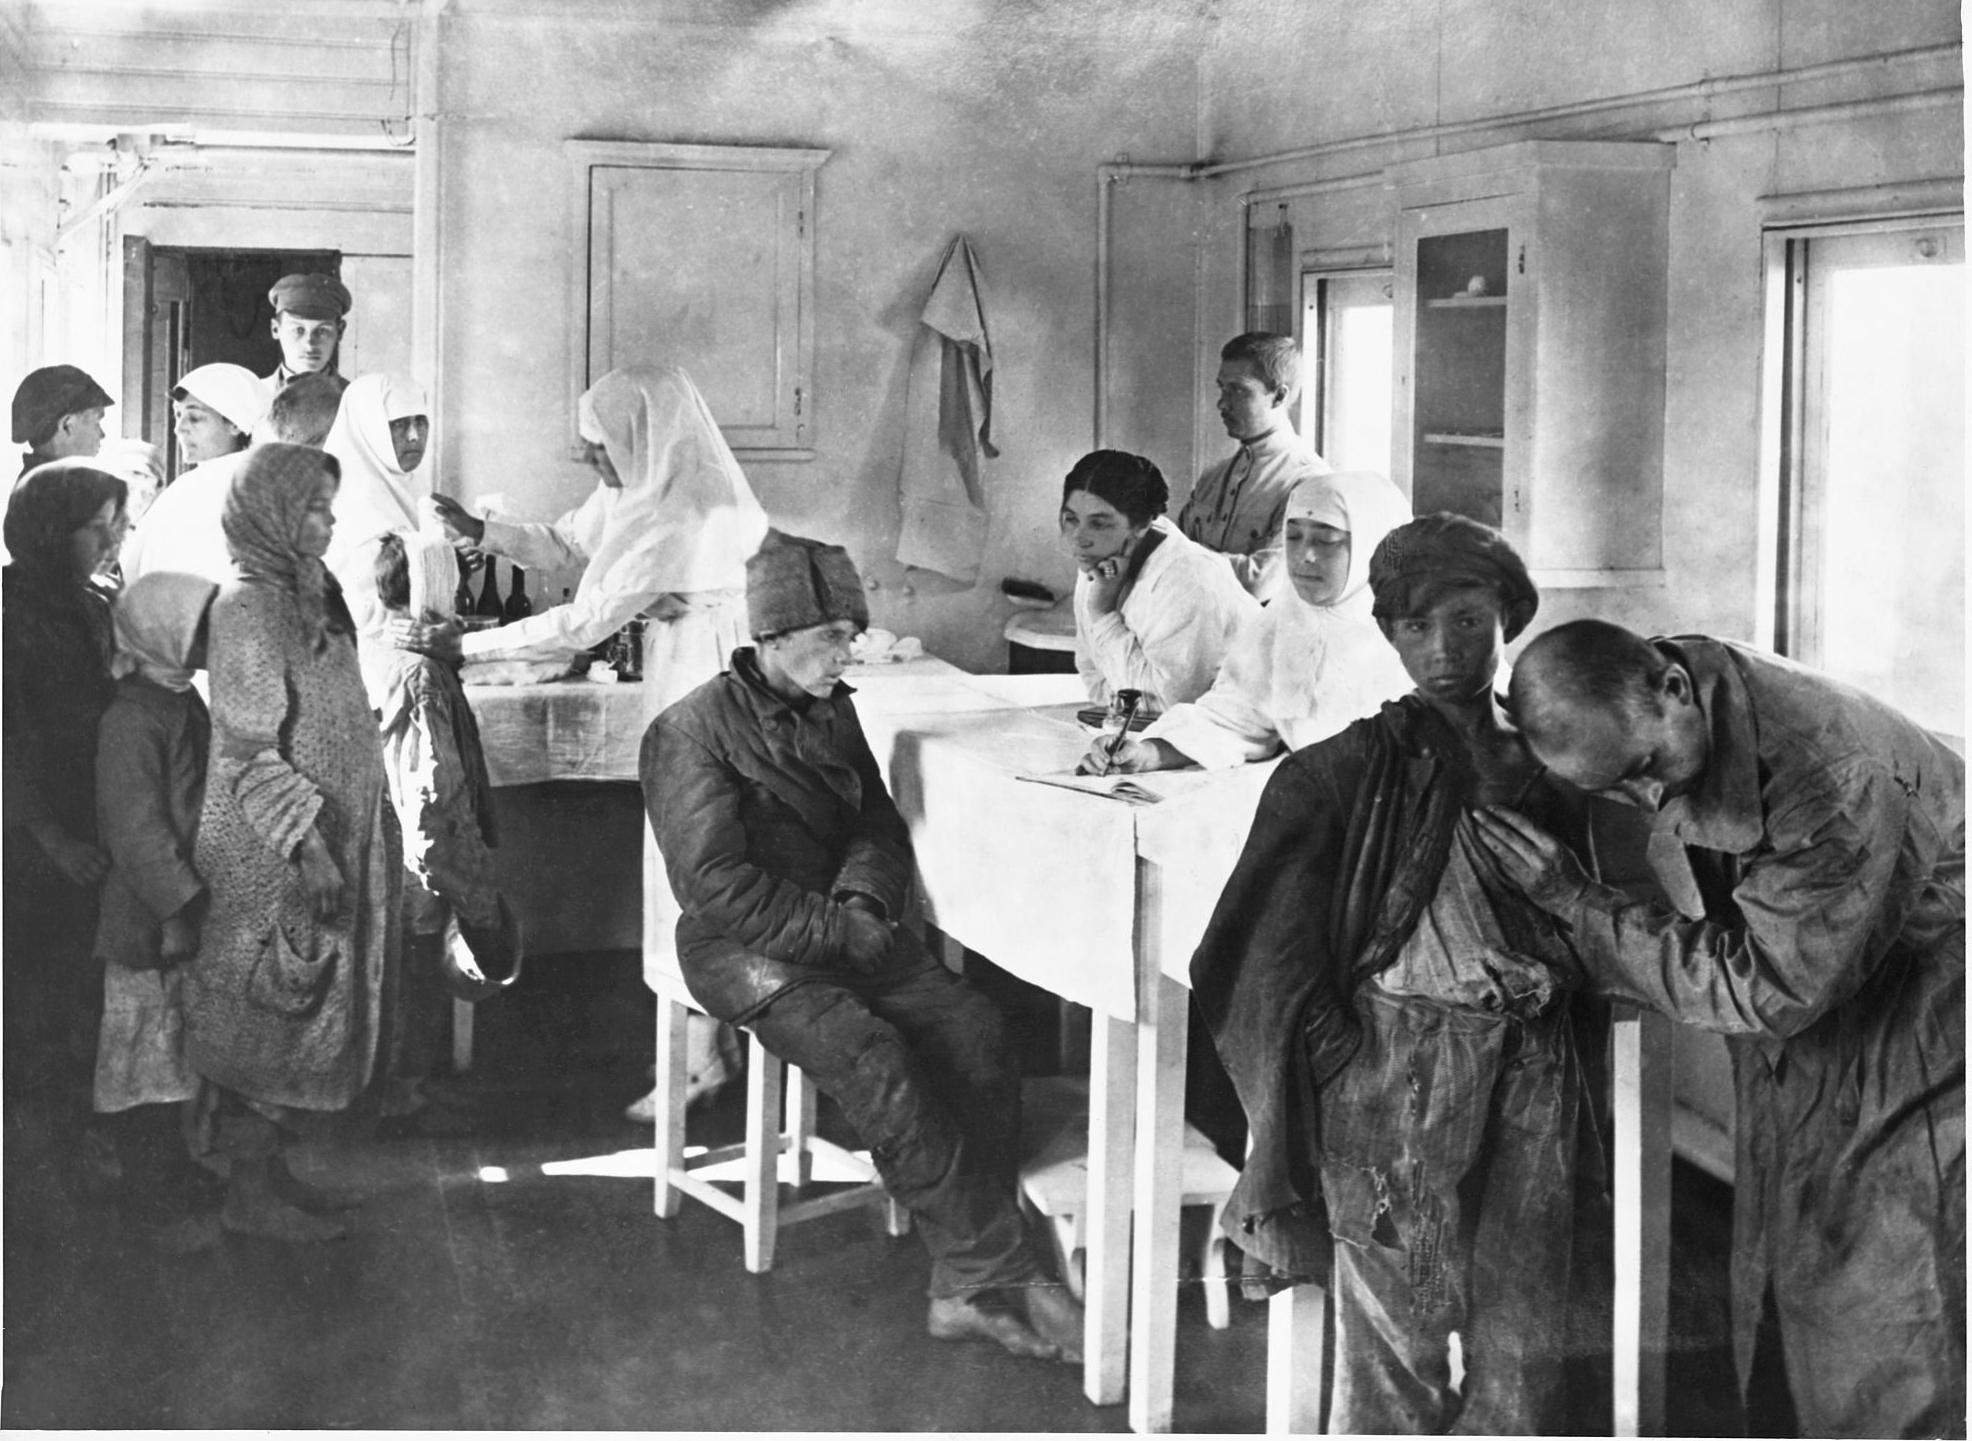 Врачи осматривают истощенных детей в вагоне американского санитарного поезда. Поволжье